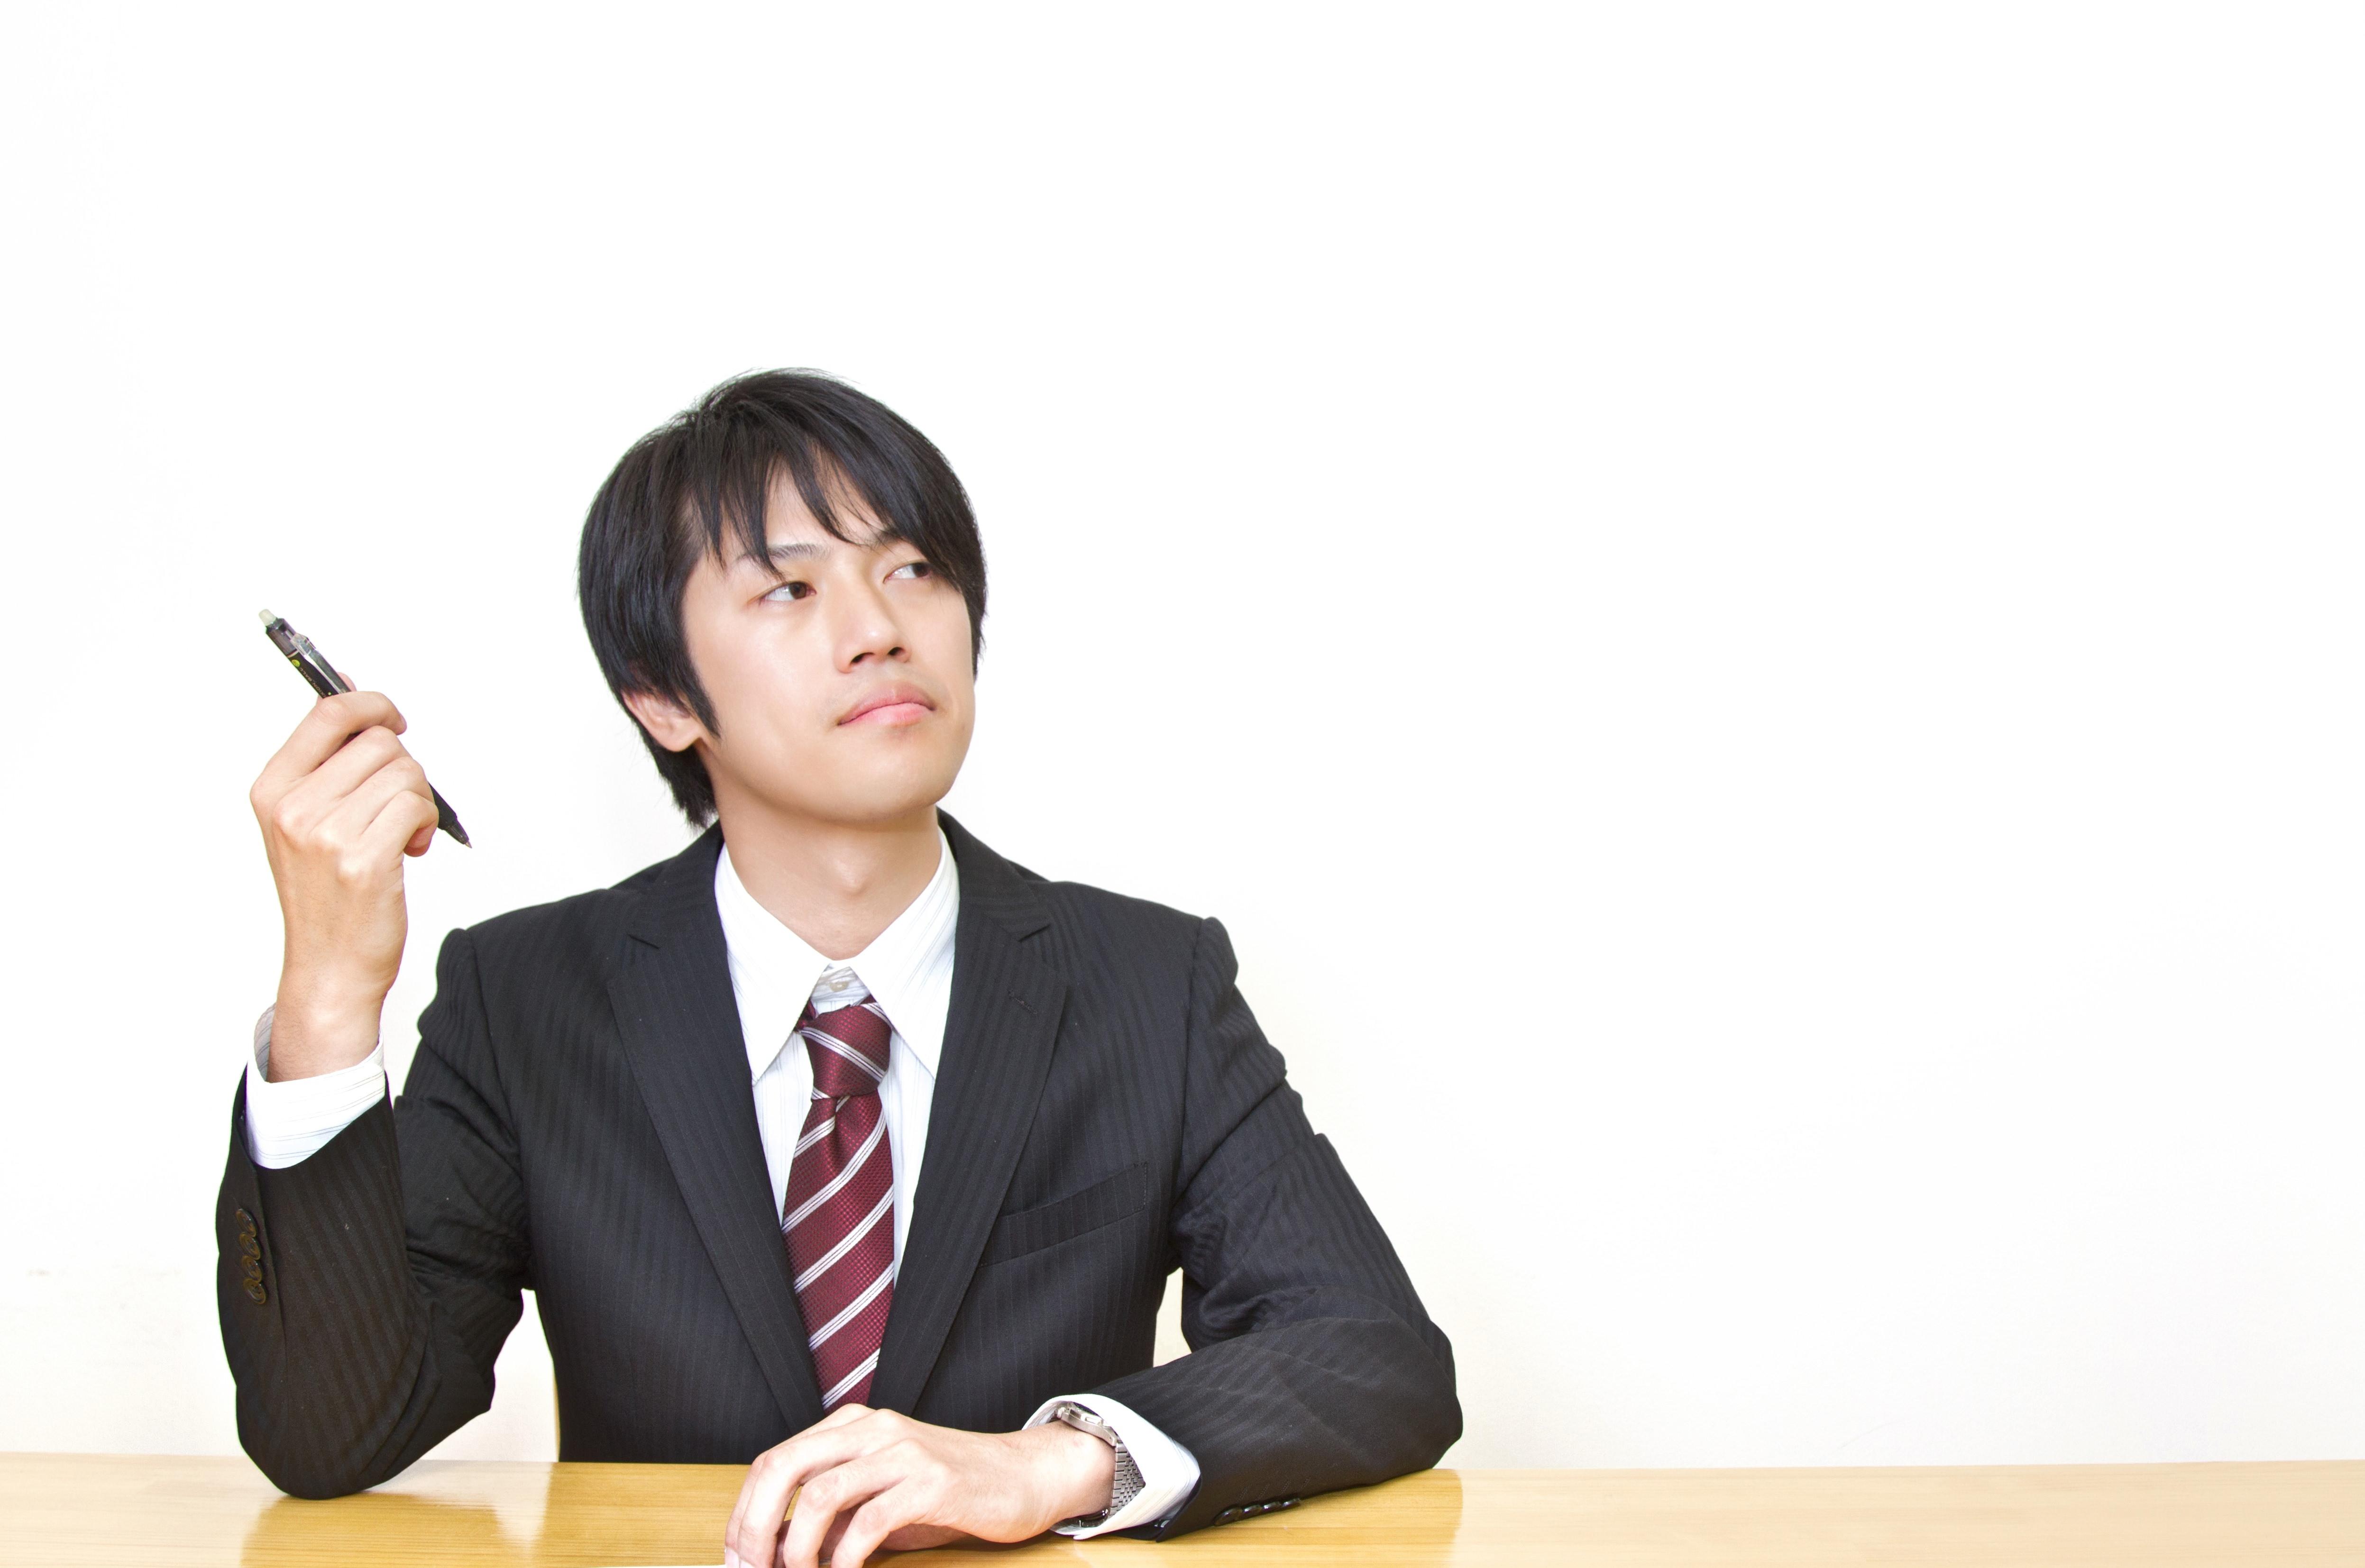 「スキルアップしたいこと」の志望動機での伝え方・書き方と例文